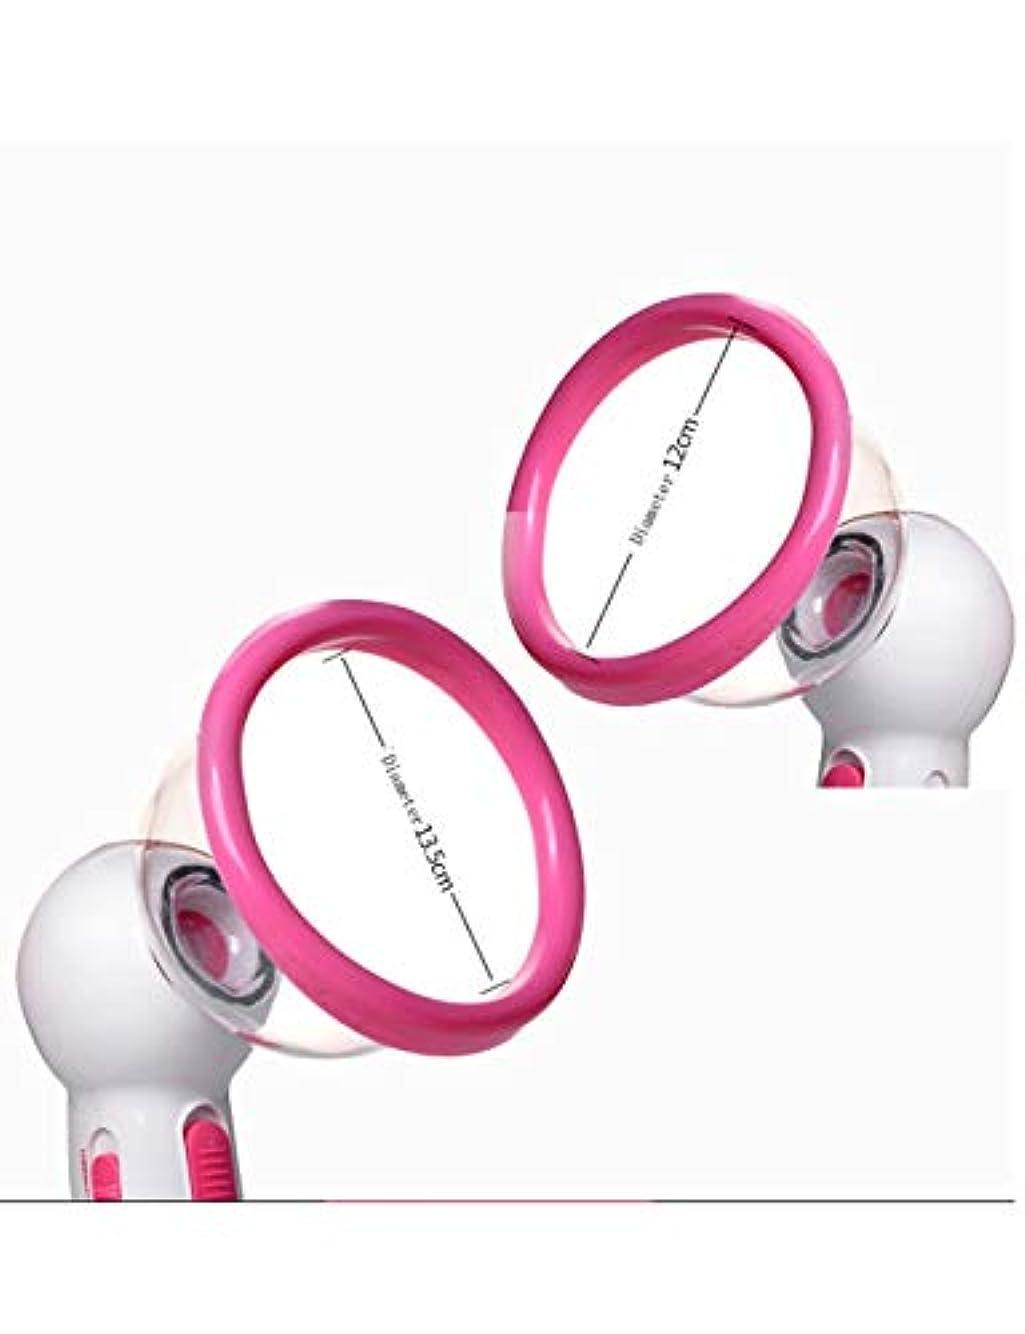 妥協親指参加者XpHealth 乳房ポンプ電気強化拡大マッサージ脂肪吸引術真空カップマッサージツールリラックスマッサージ玩具レディース